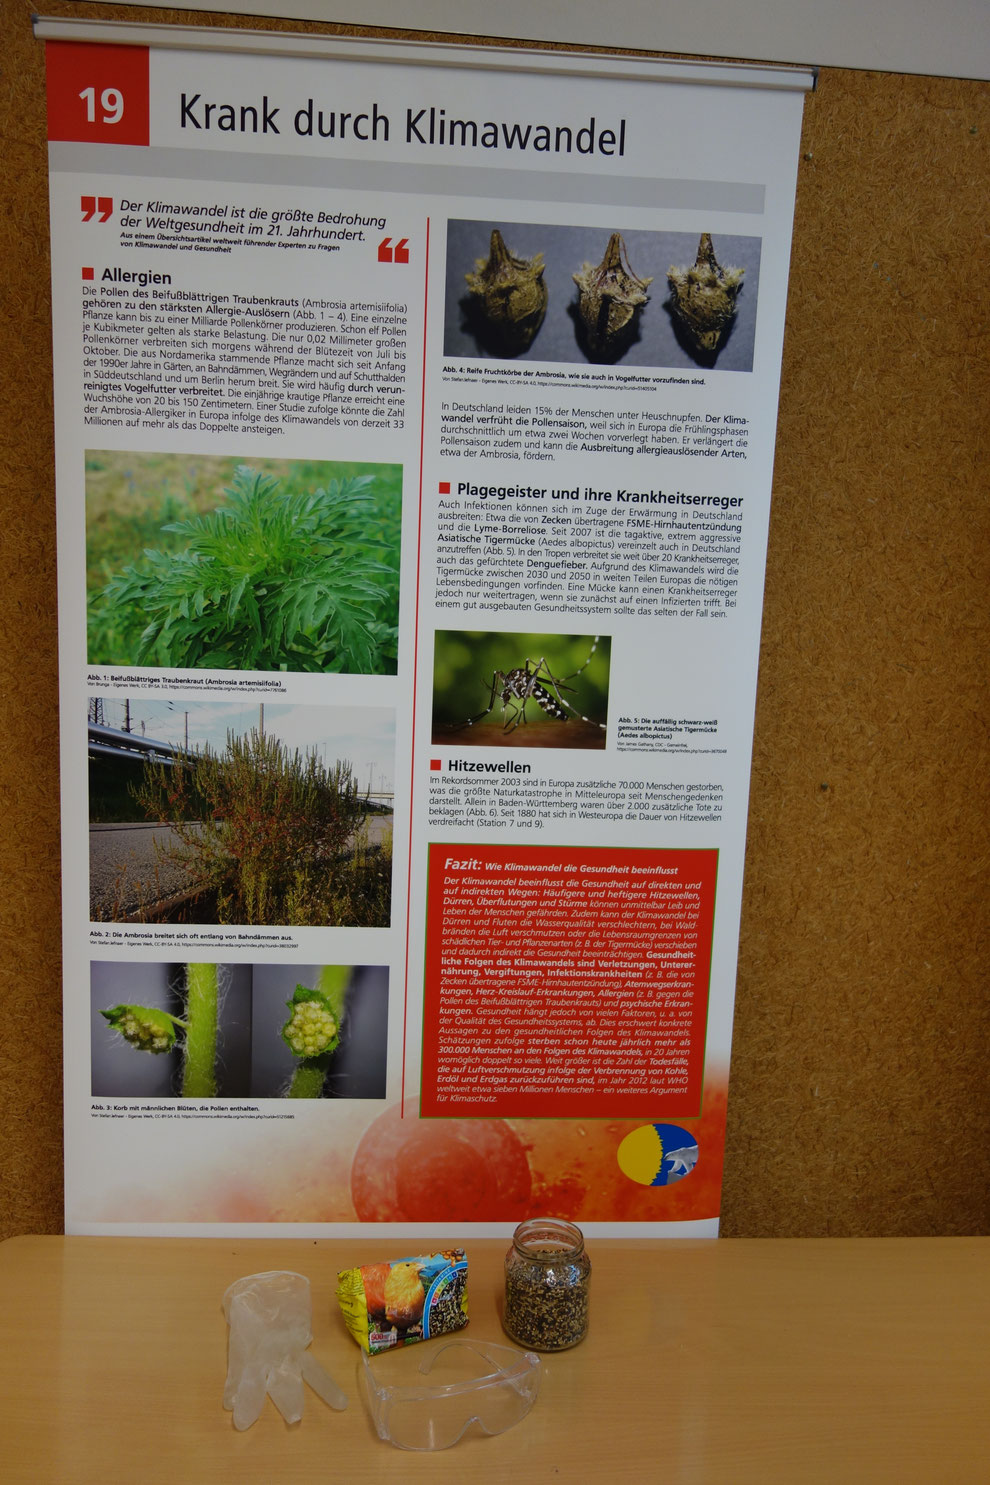 Die allergieauslösenden Ambrosiasamen werden auch durch Vogelfutter verbreitet. Der Klimawandel schafft der Ambosiapflanze zunehmend auch bei uns Lebensraum.